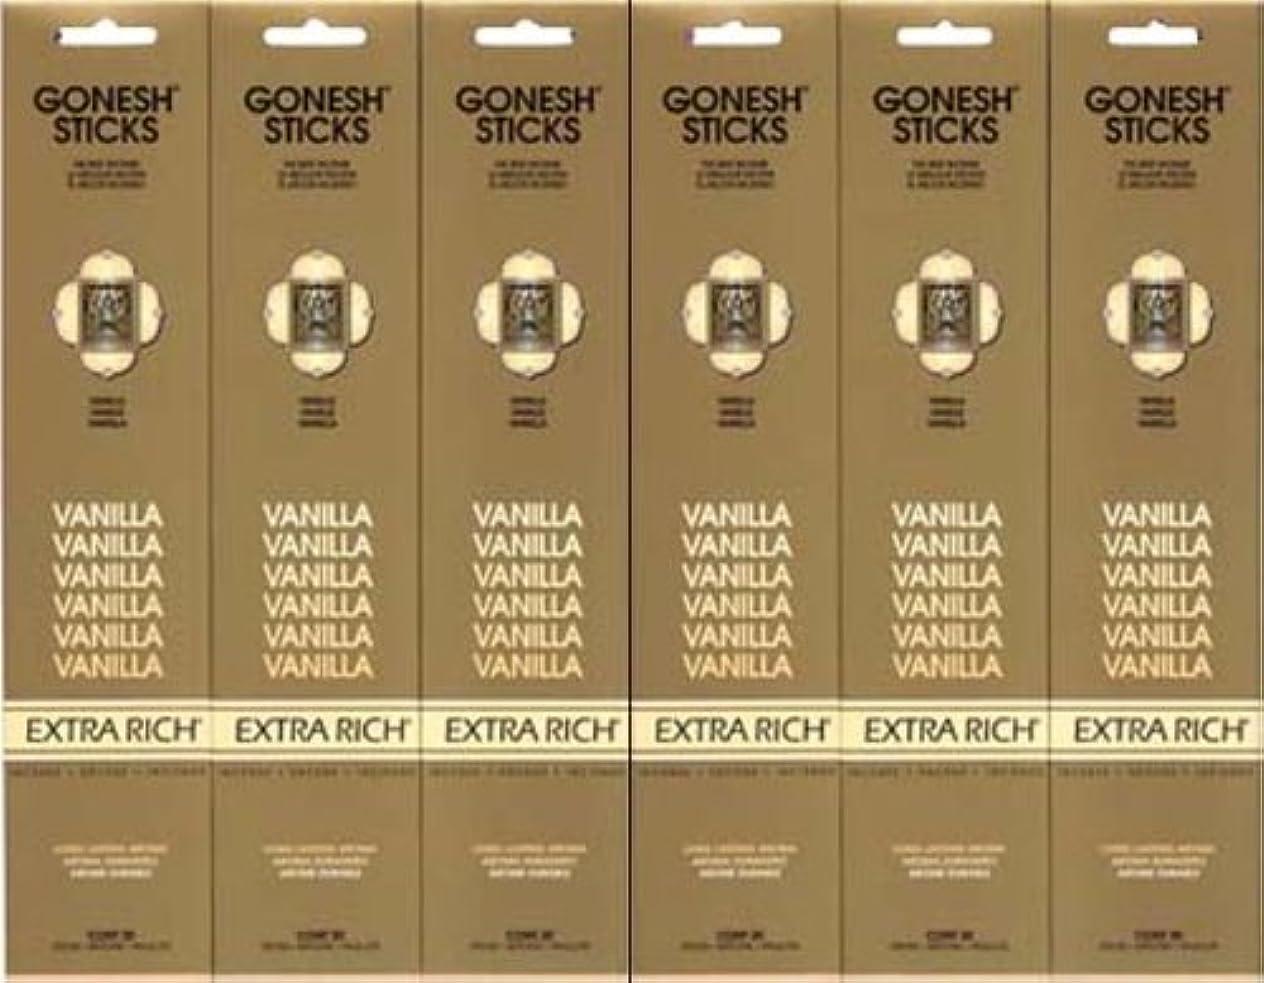 反抗トレッド引き受けるGONESH  VANILLA バニラ  20本入り X 6パック (120本)